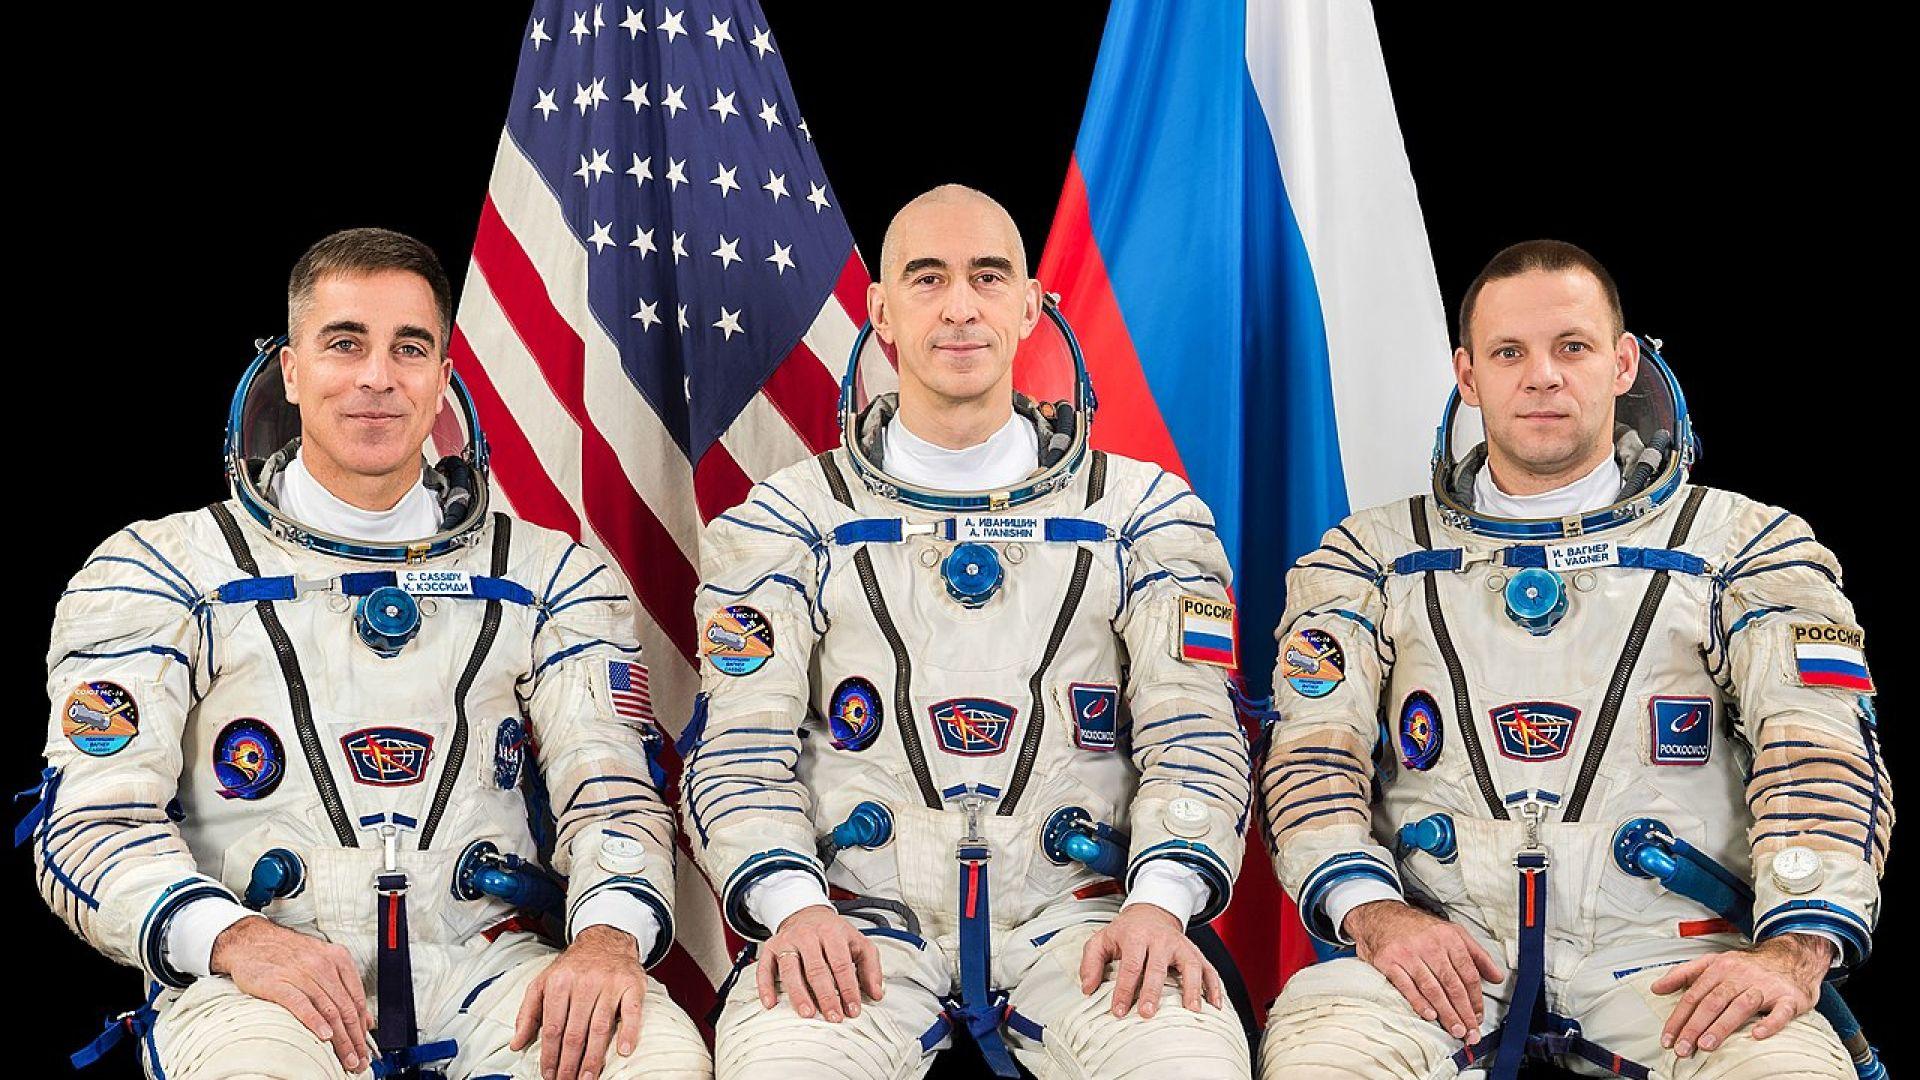 Първите космонавти след Ковид-19 тръгват към МКС